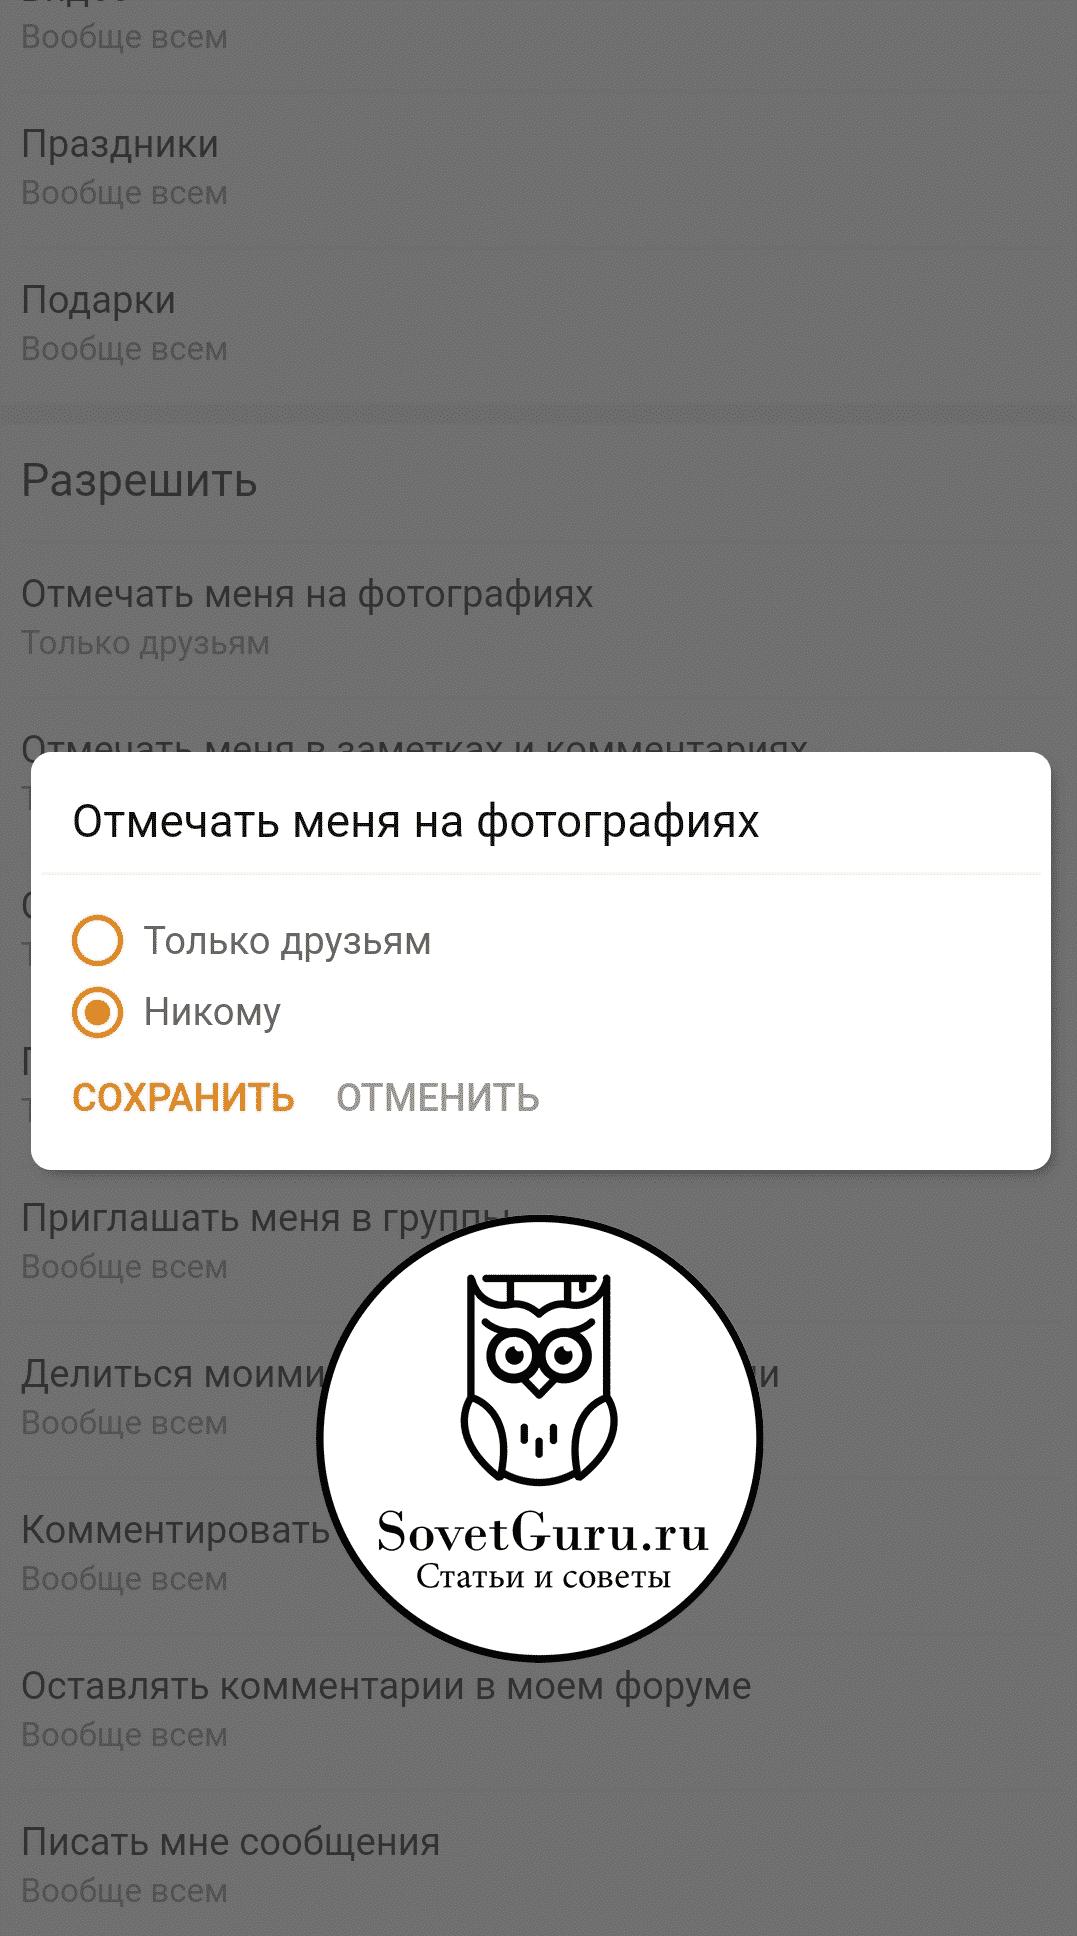 Как закрыть профиль в Одноклассниках бесплатно: с телефона и компьютера | Как закрыть профиль в Одноклассниках